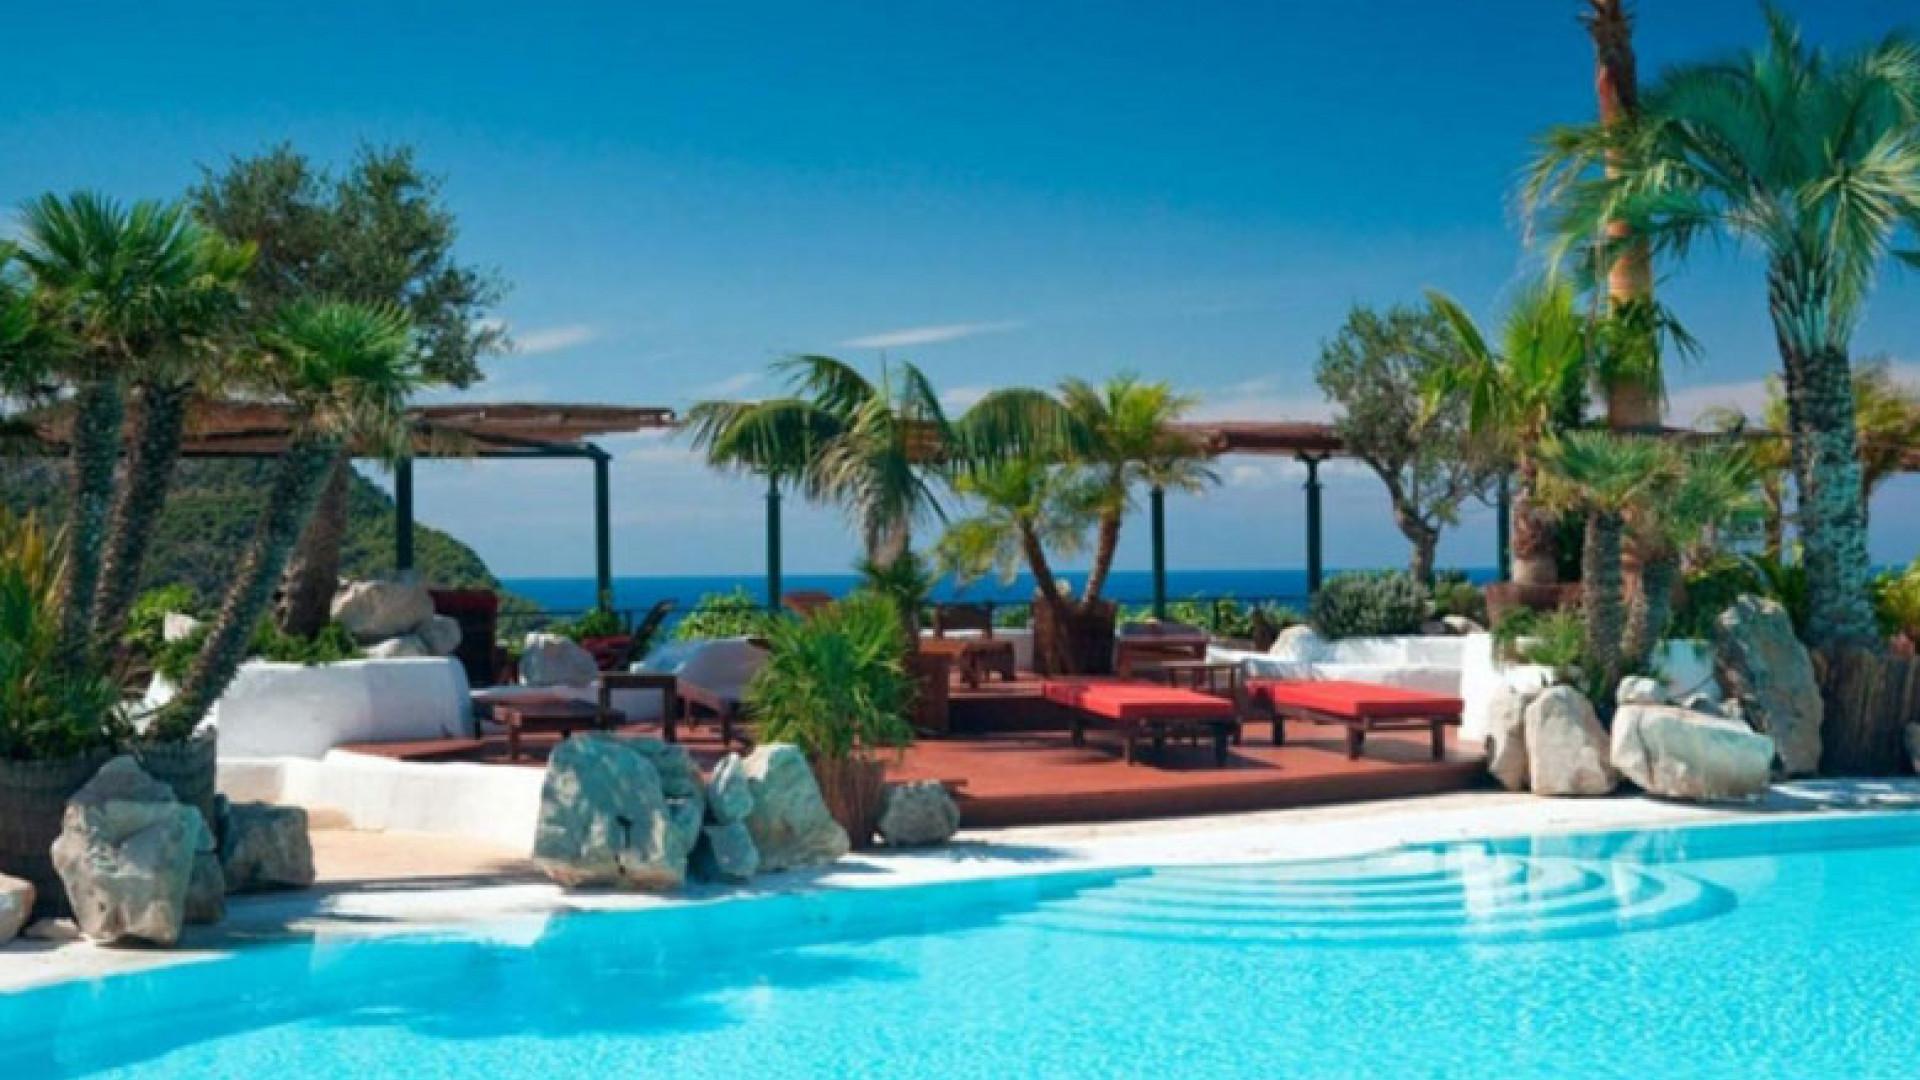 Main-Pool-at-Hacienda-Na-Xamena